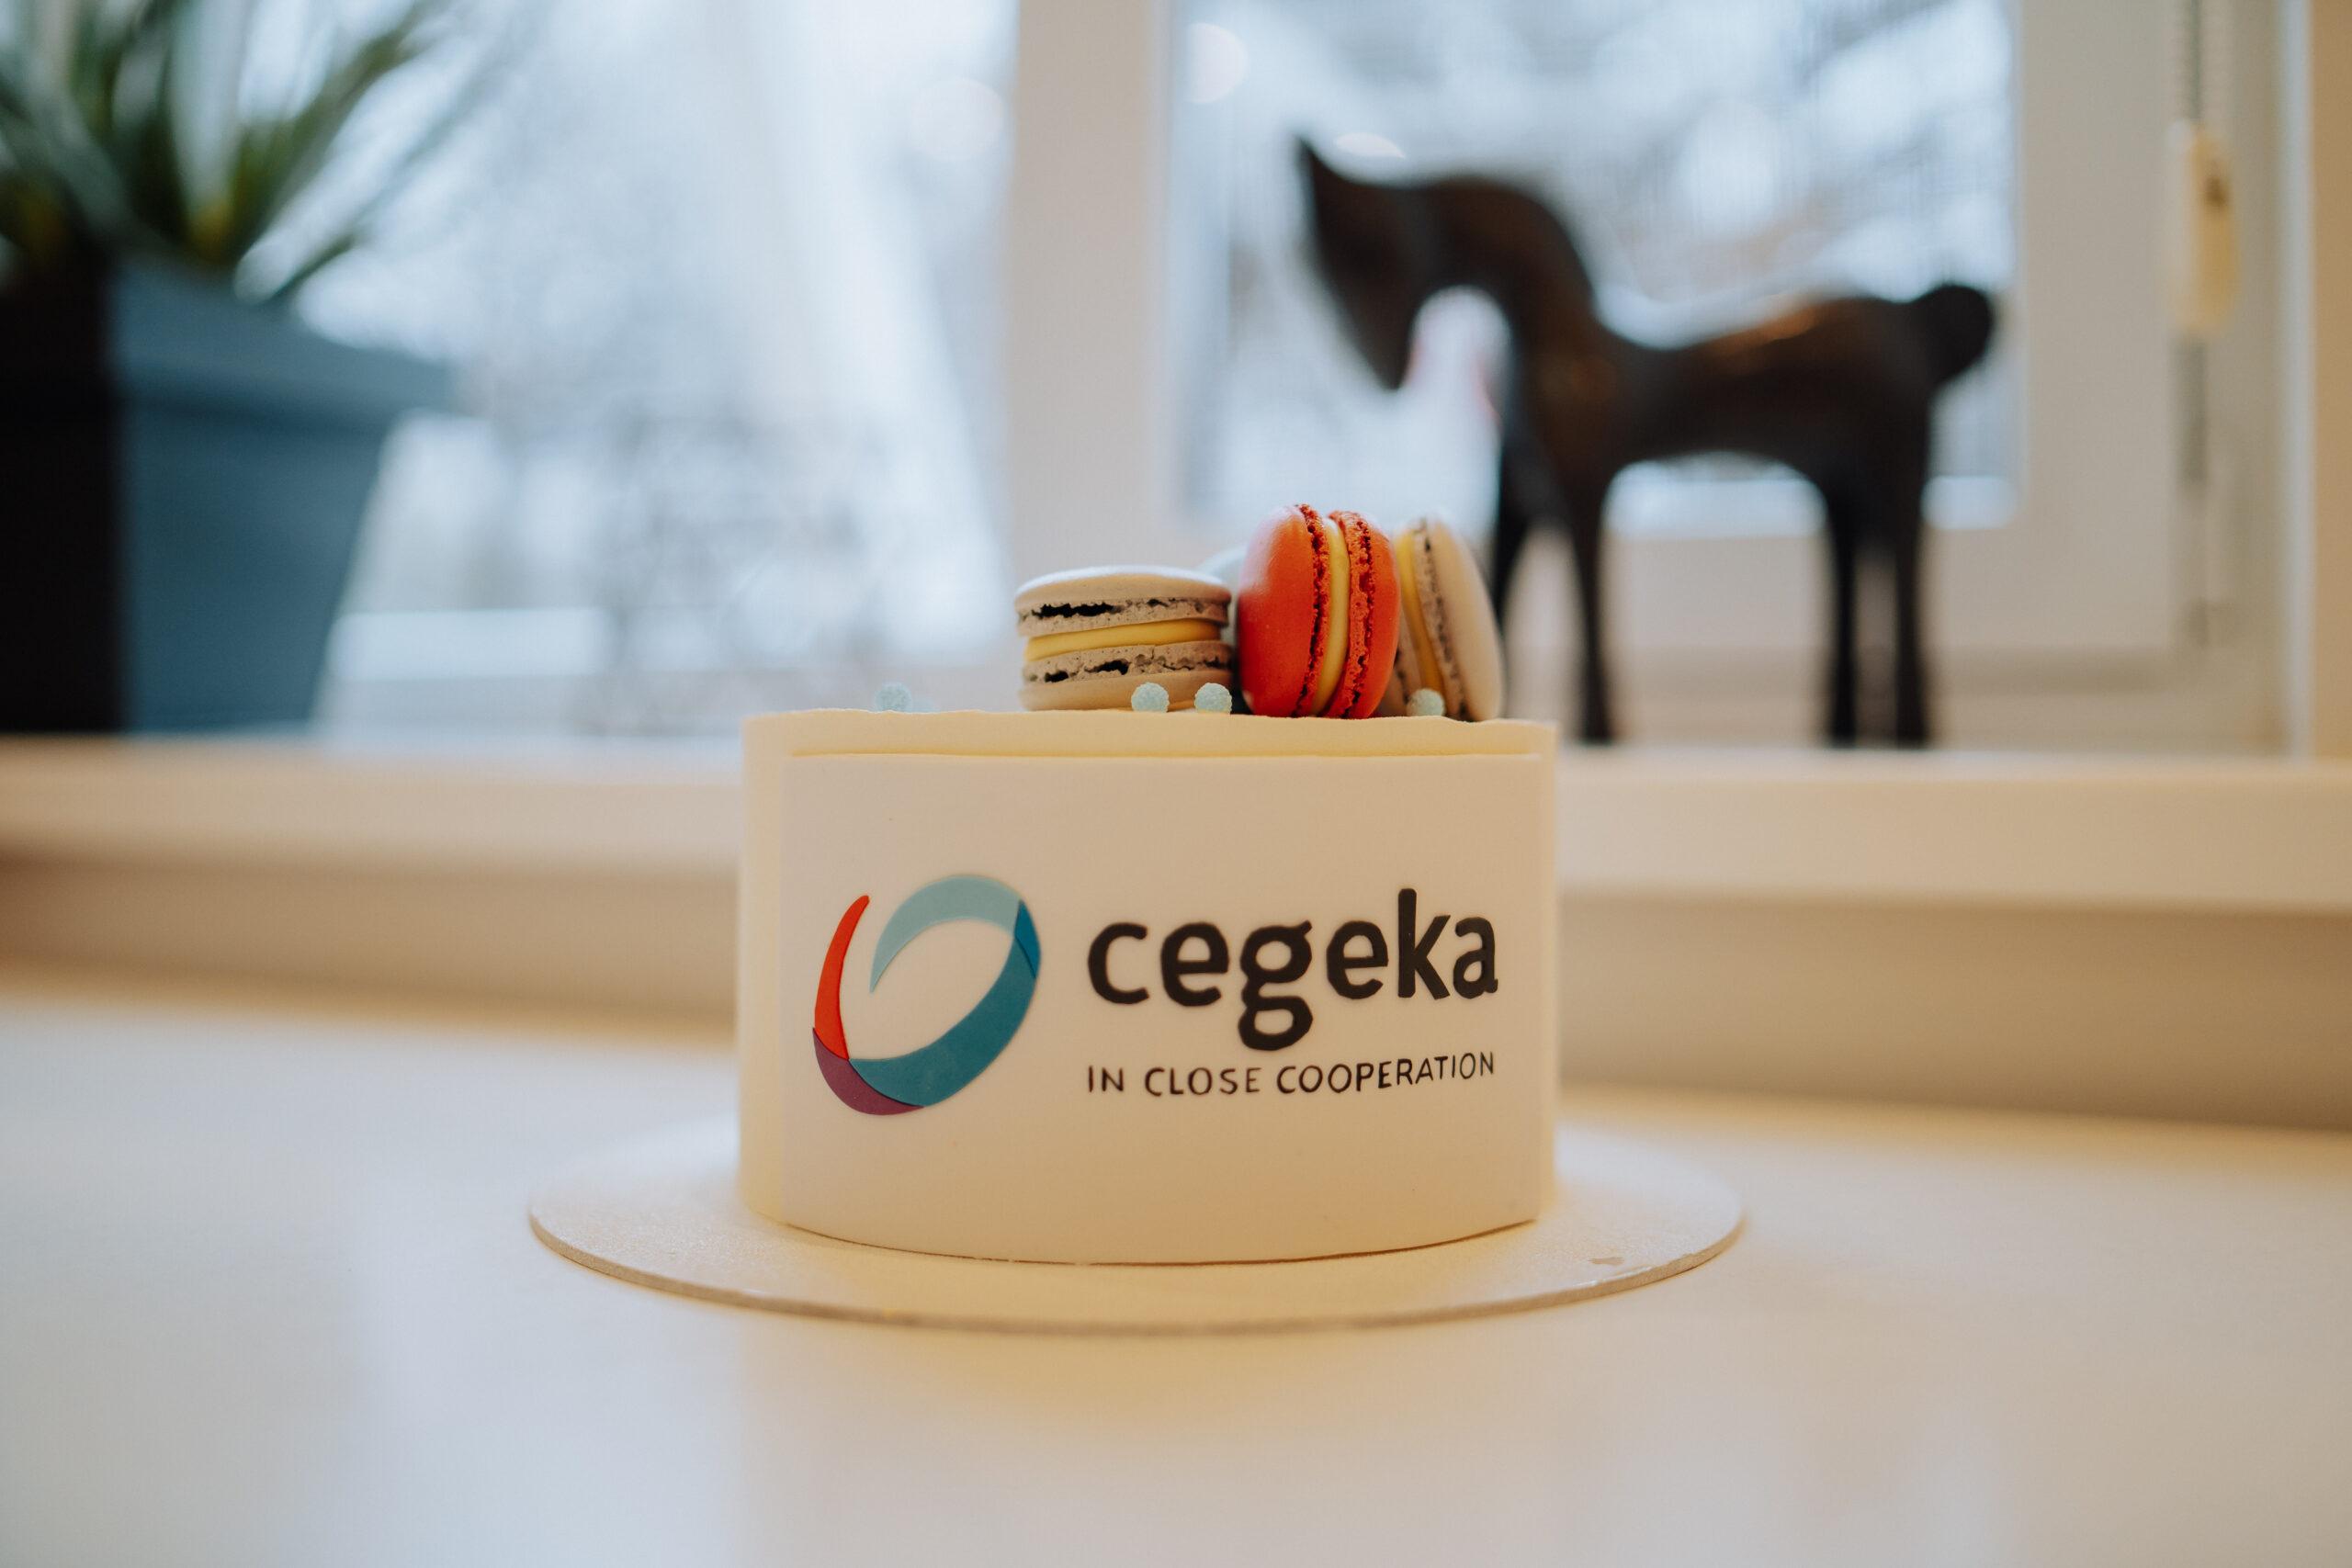 Compania Cegeka își deschide birou în Republica Moldova